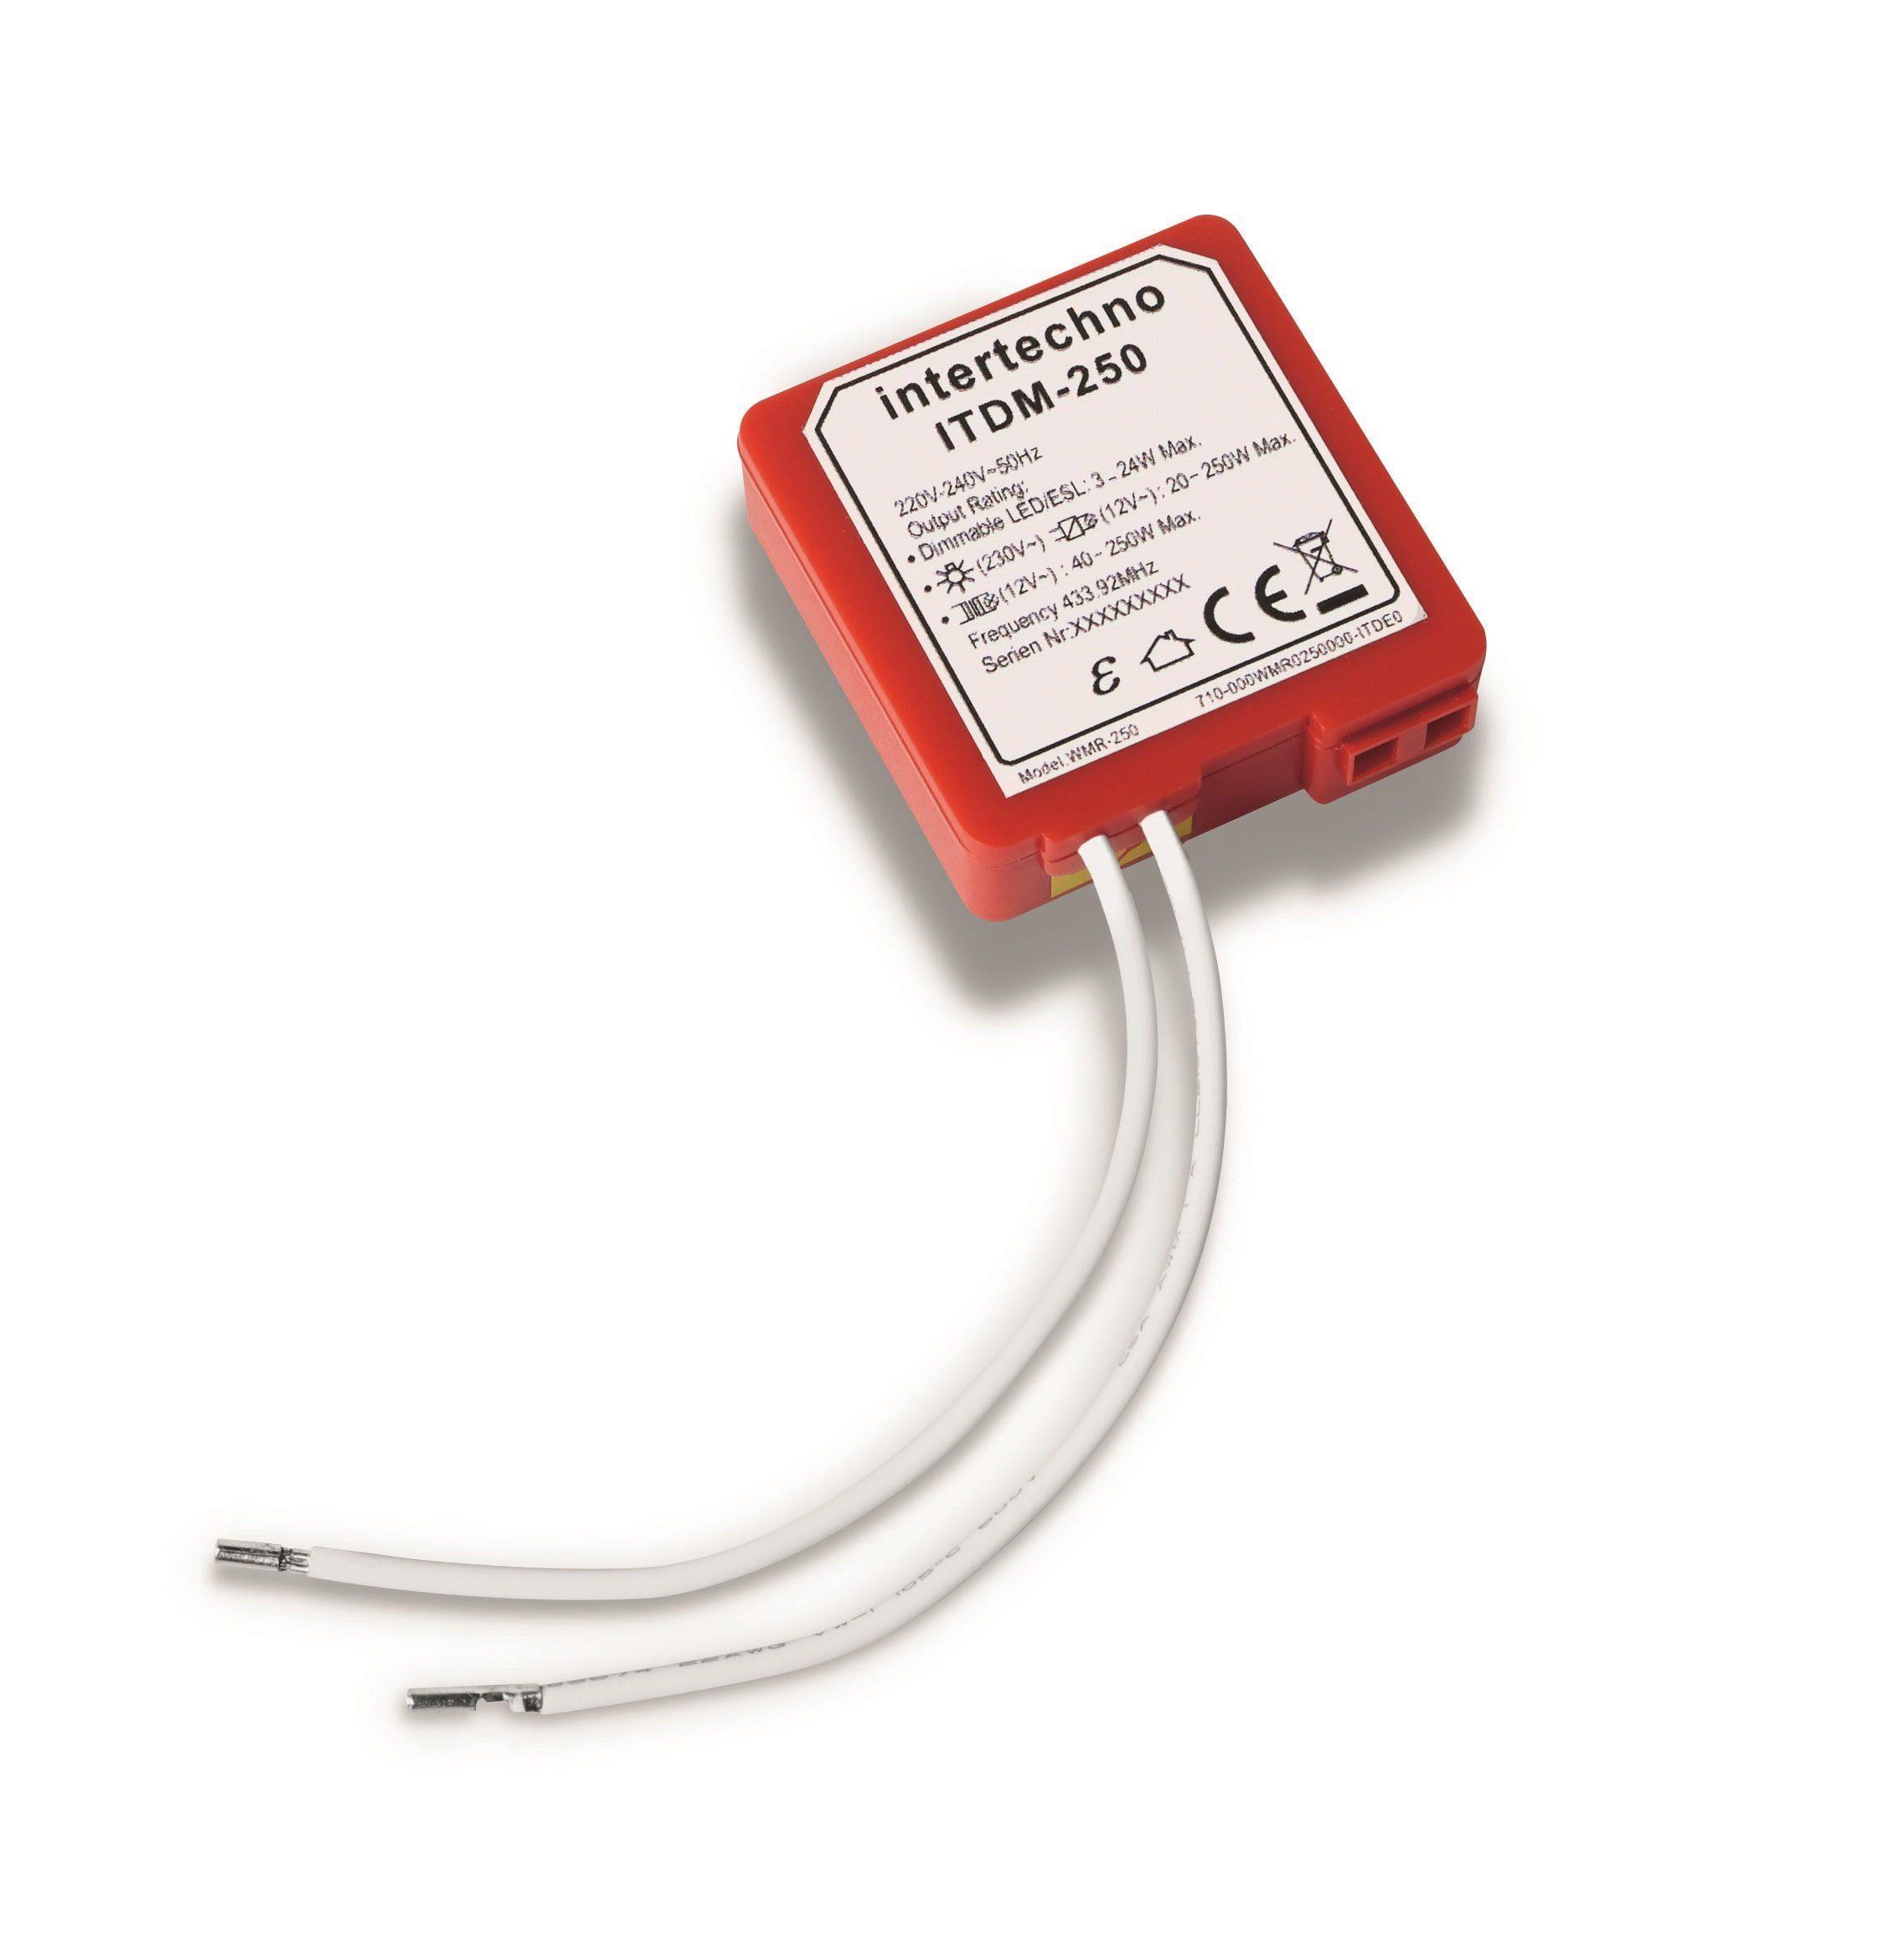 intertechno - Smart Home - Licht & Komfort »ITDM-250 Funk-Universaldimmer«